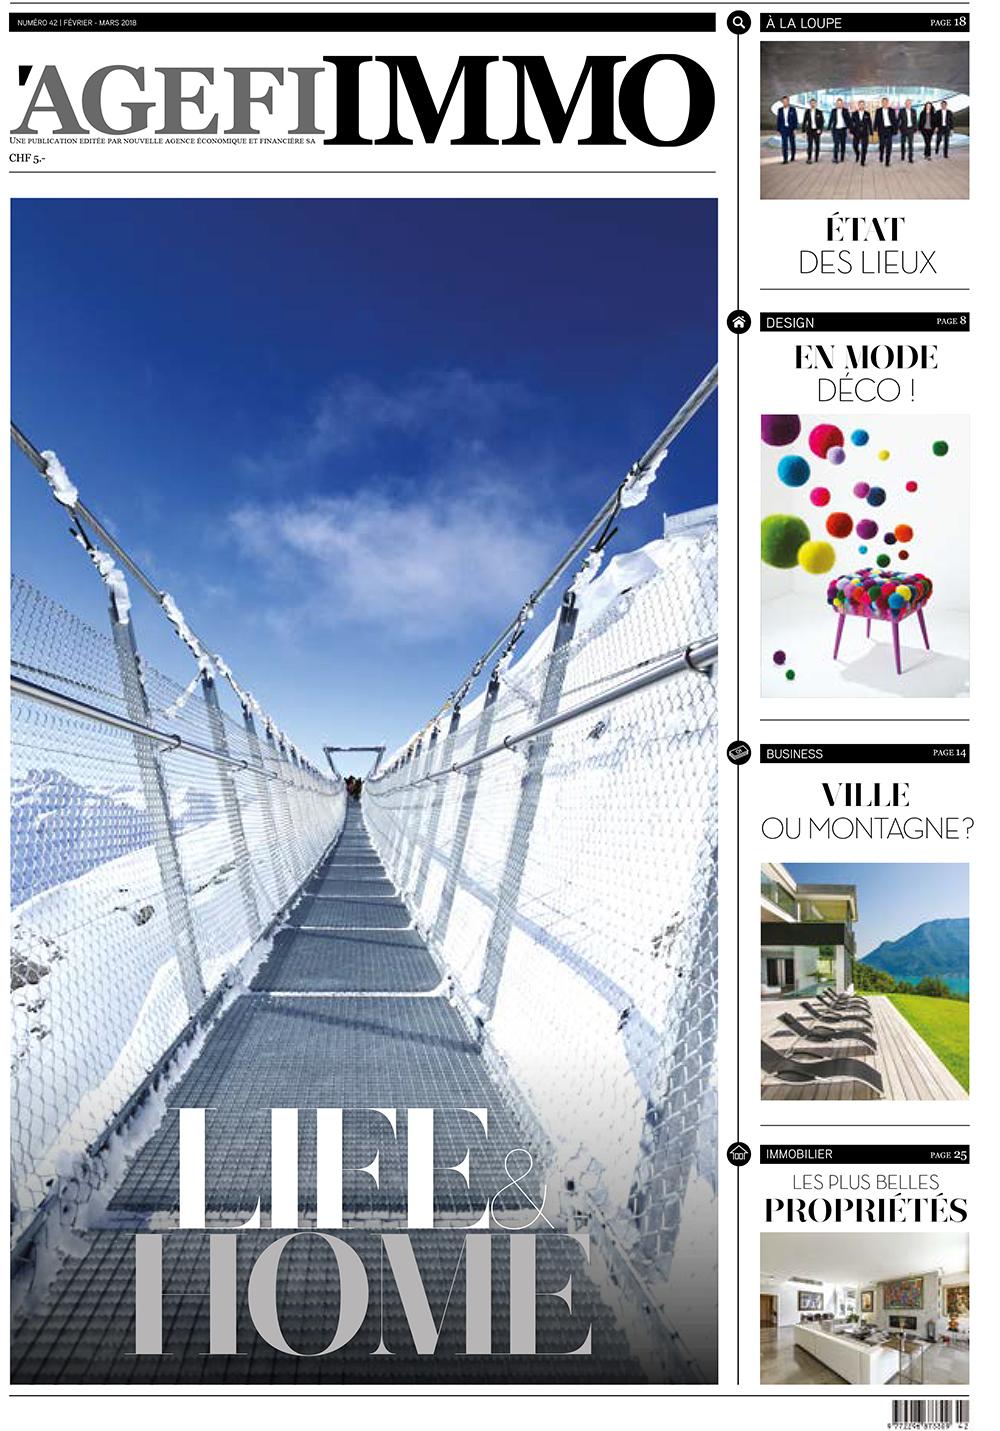 AGEFI IMMO-cover.jpg